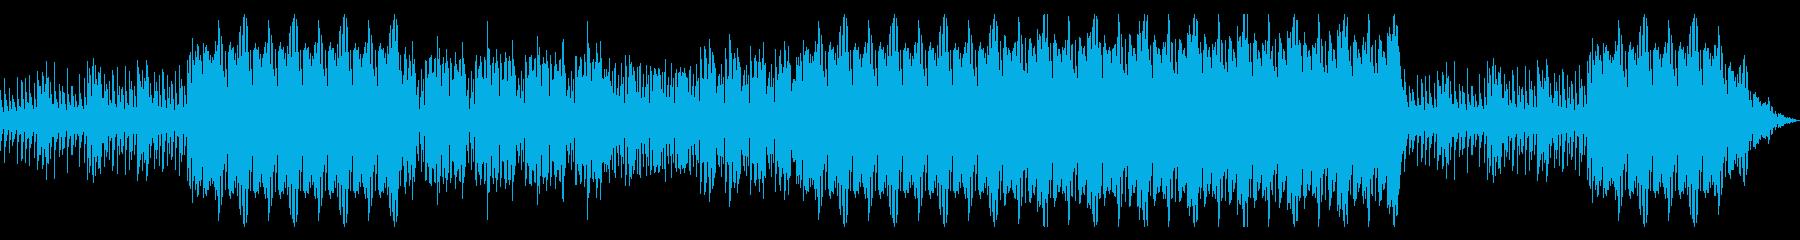 緊張感のあるドラムサウンドの再生済みの波形